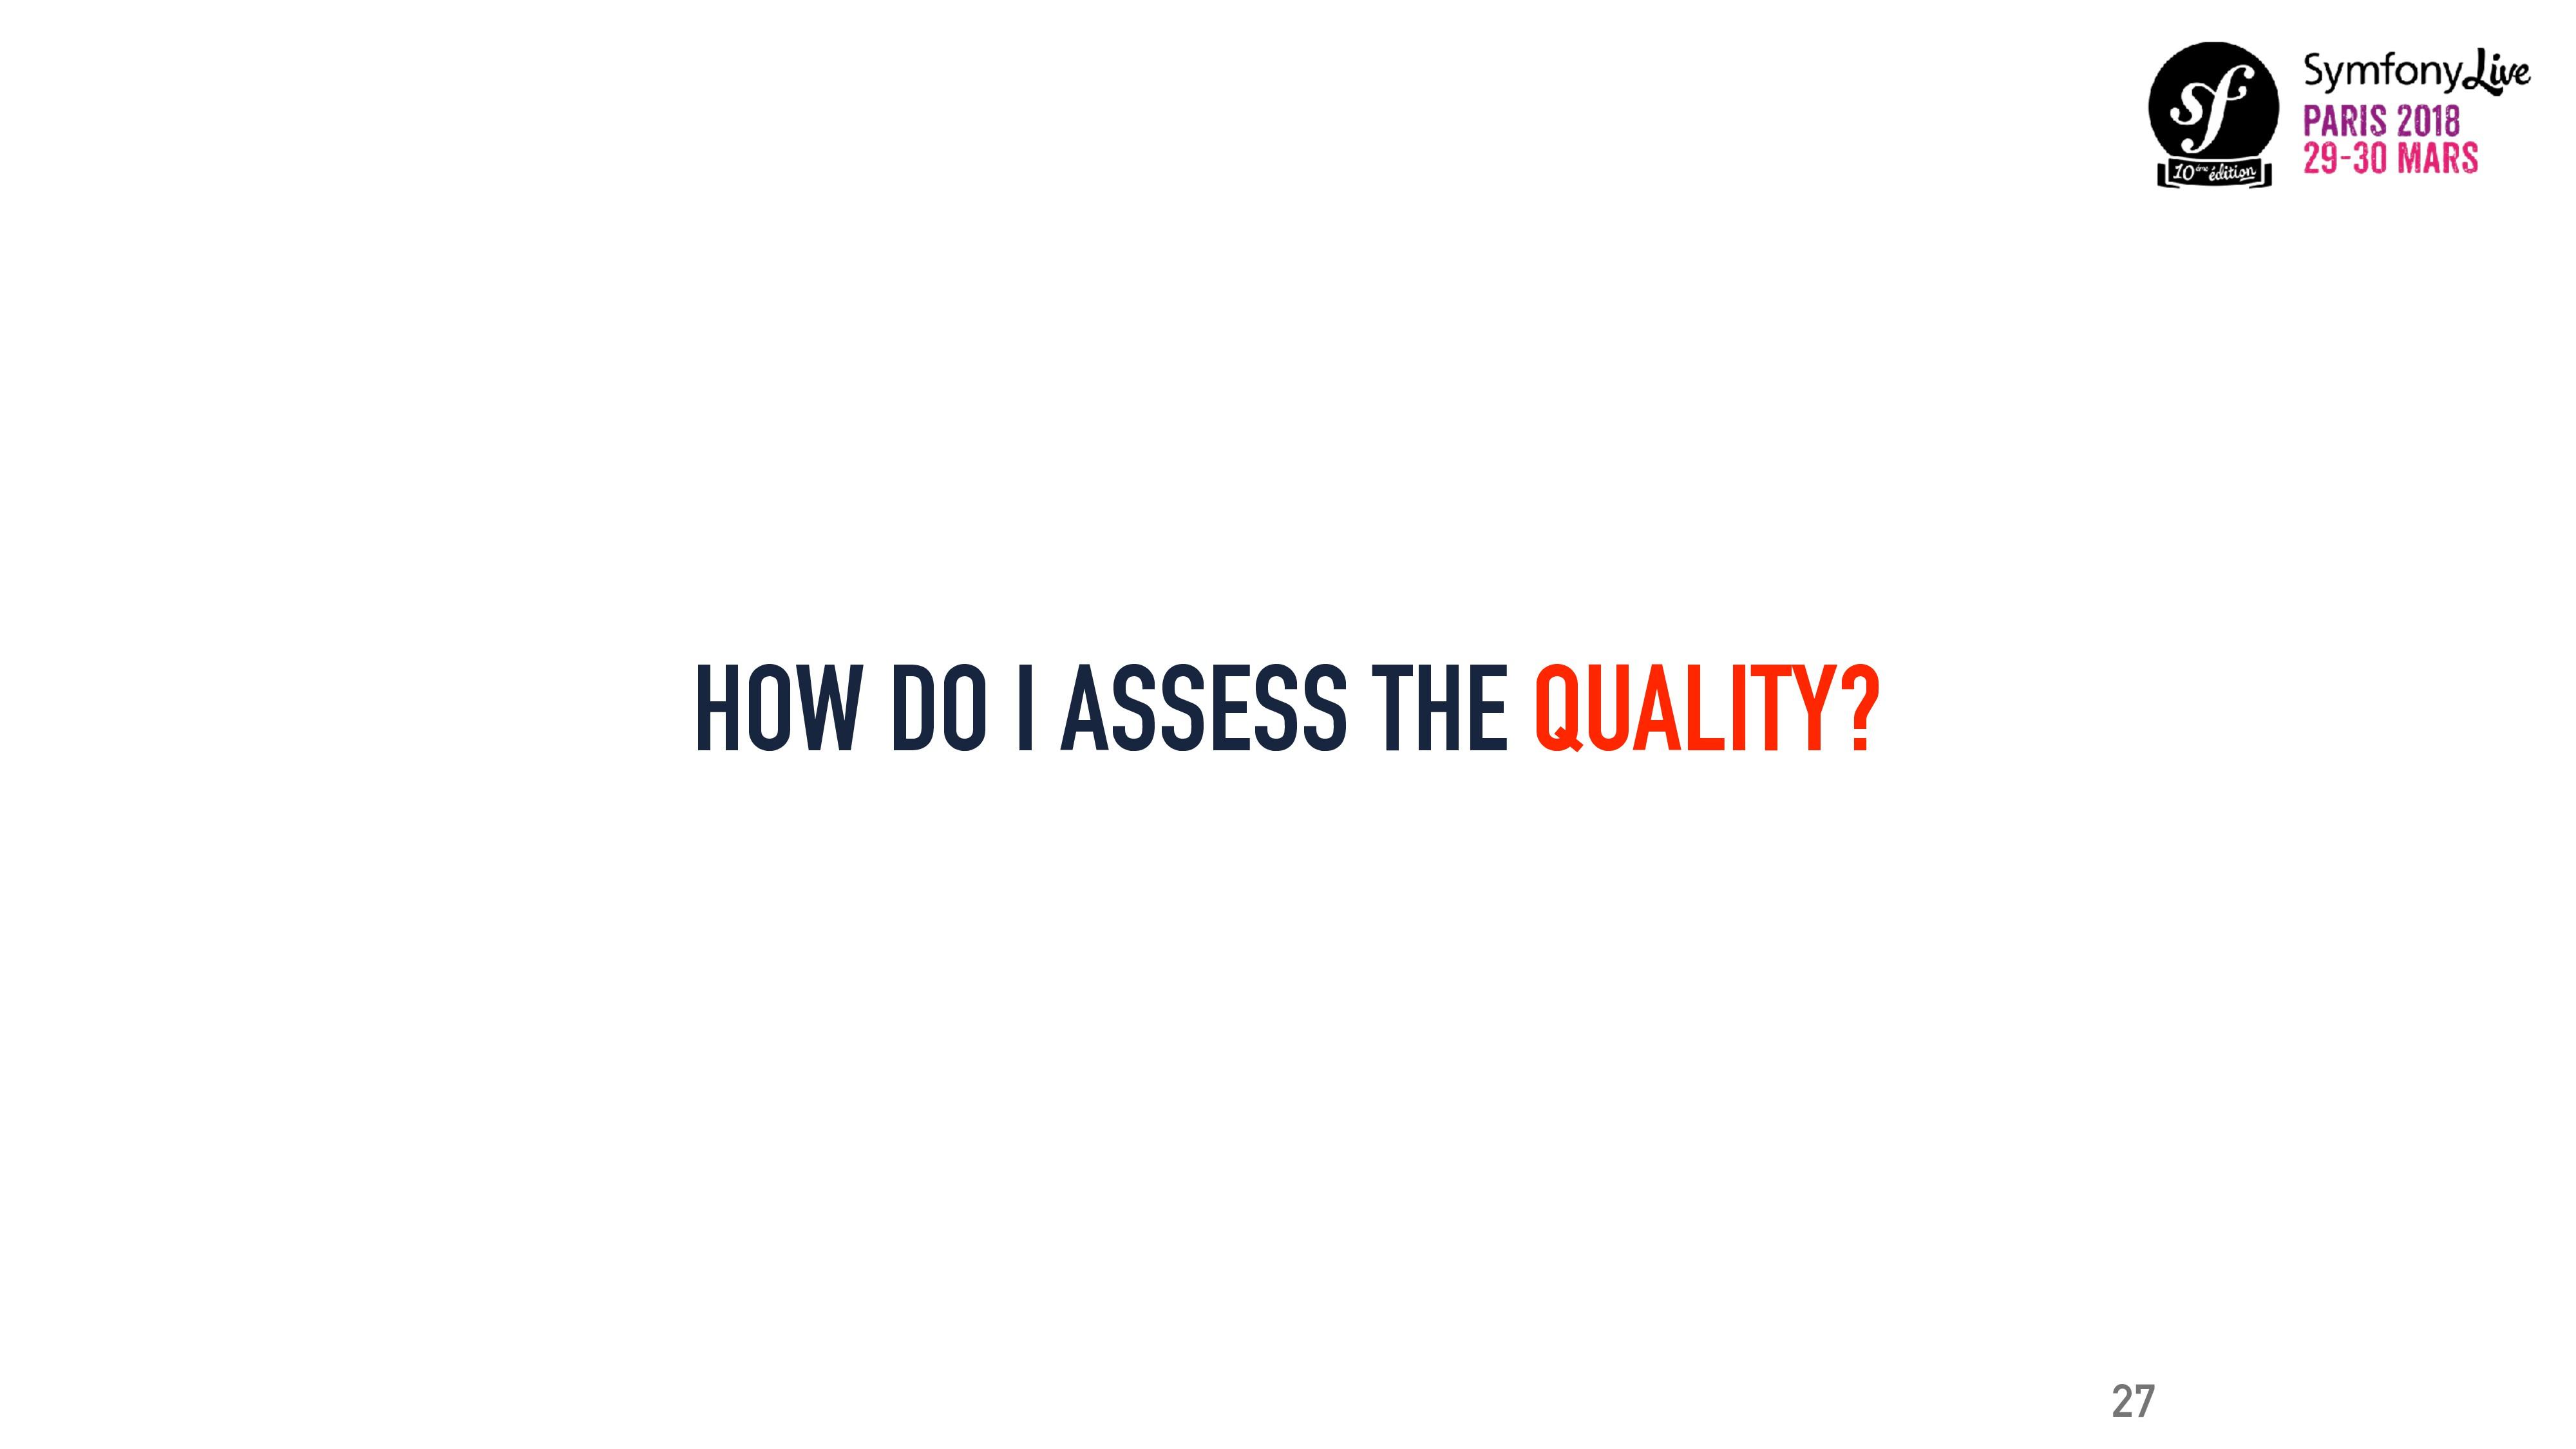 HOW DO I ASSESS THE QUALITY? 27